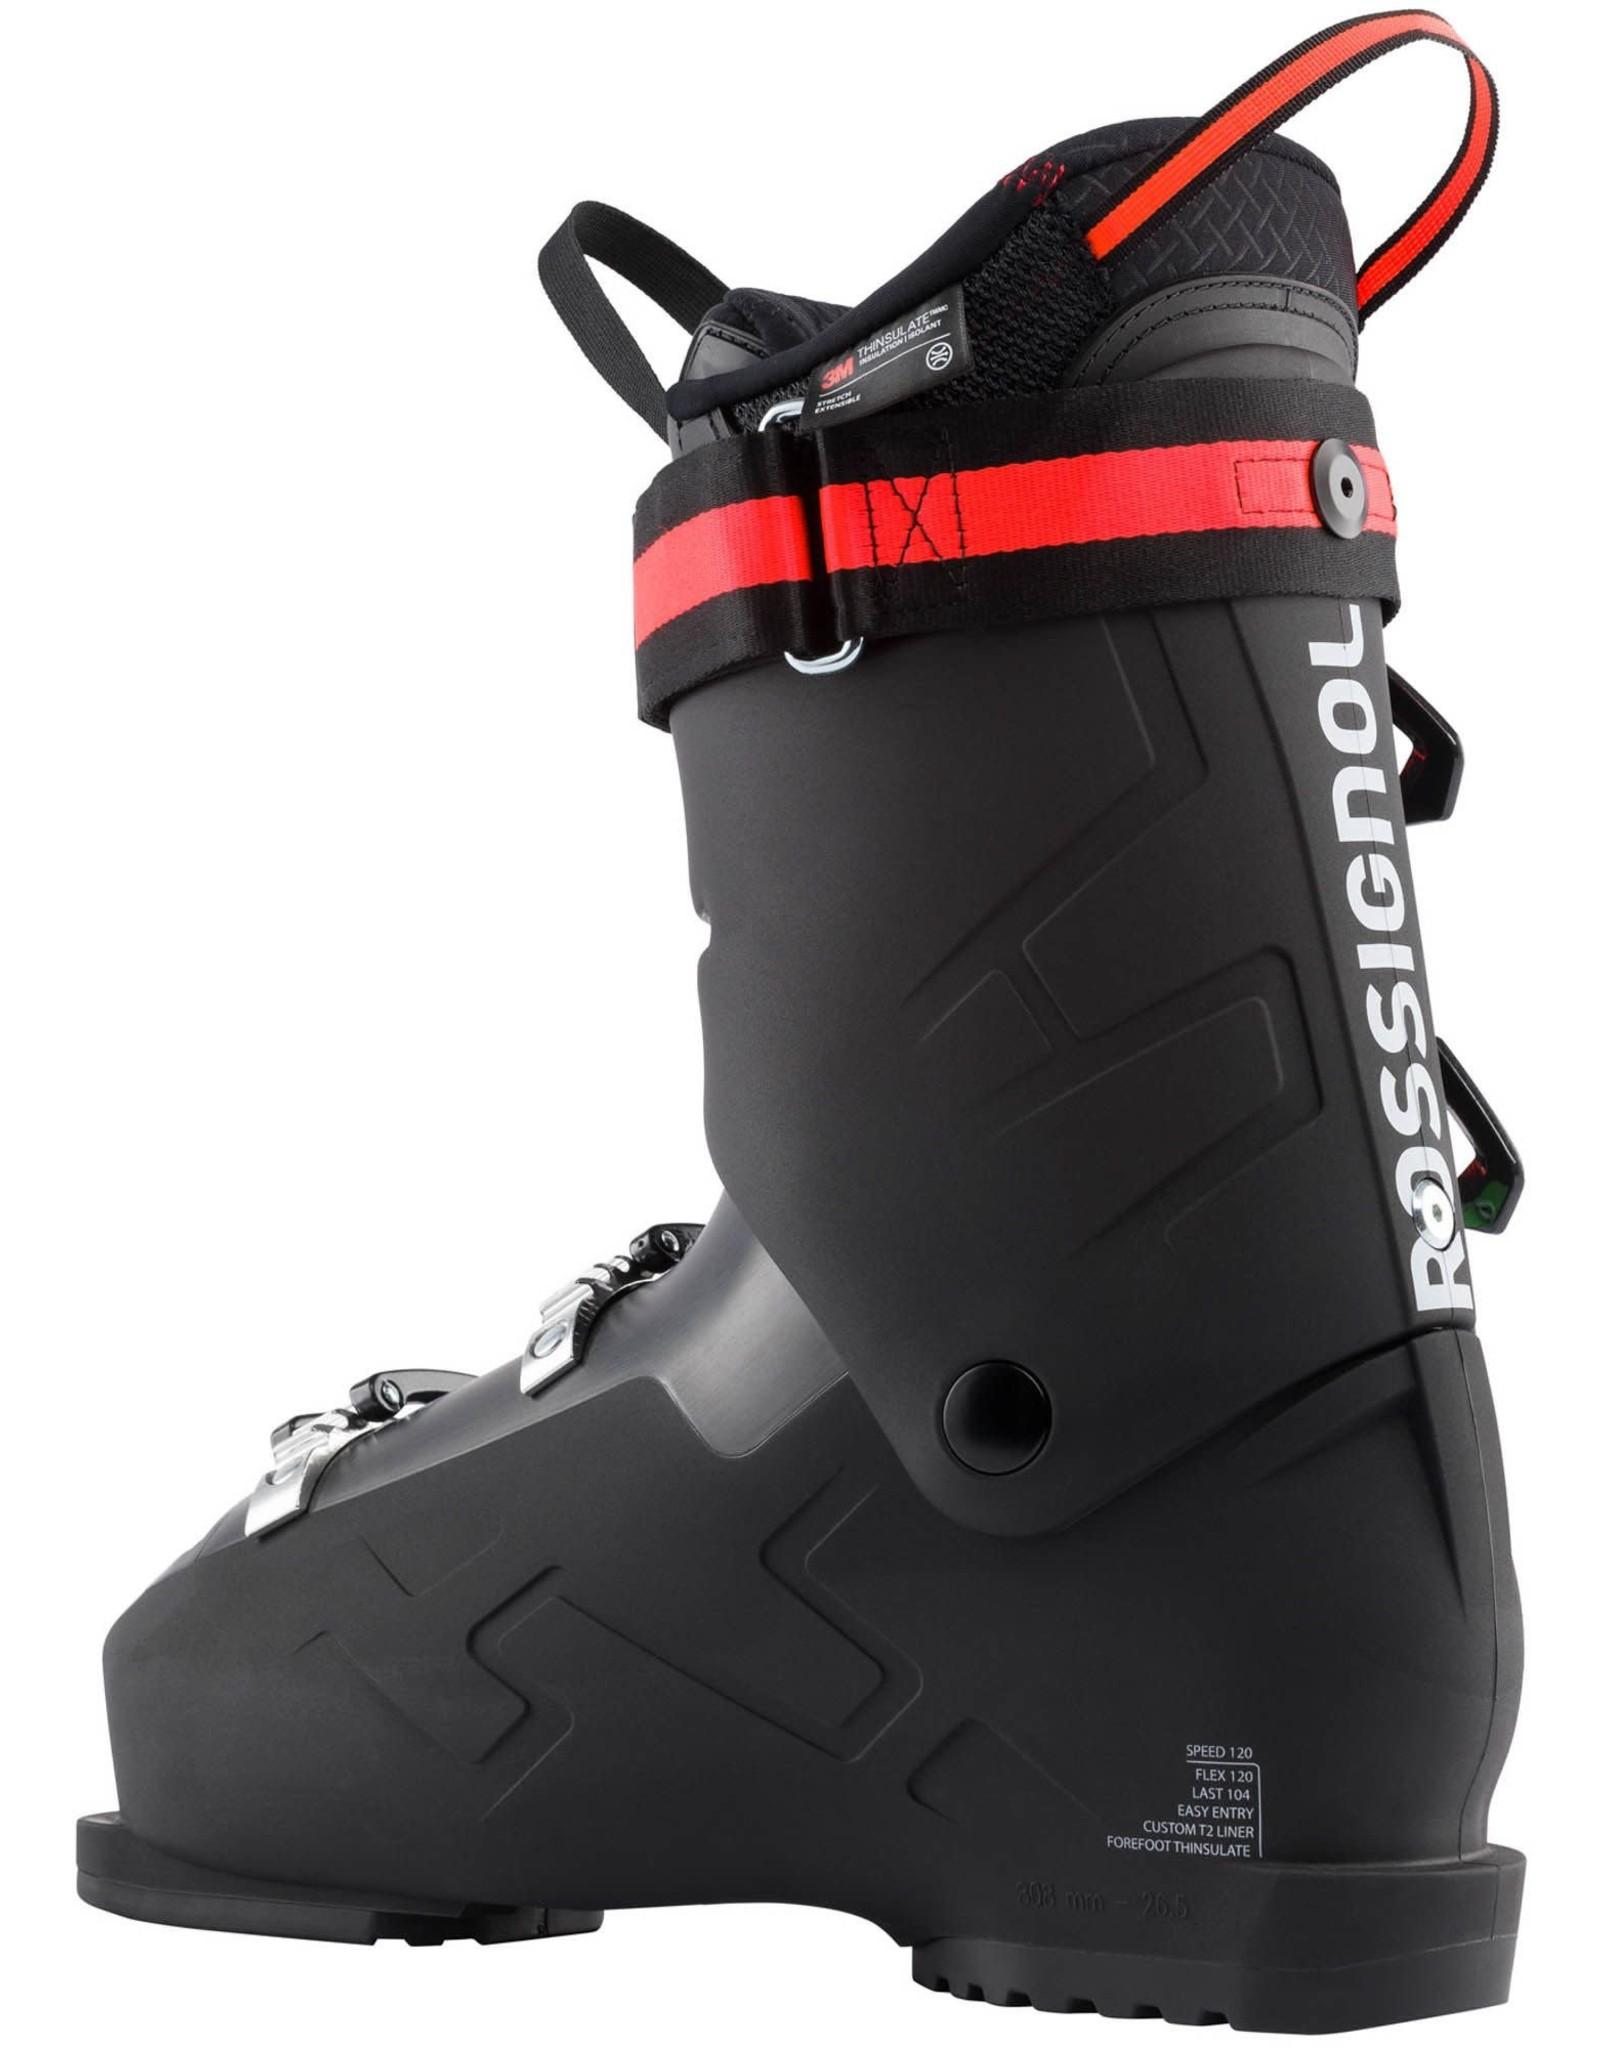 ROSSIGNOL Rossignol Speed 120 blk men alpine ski boot 22